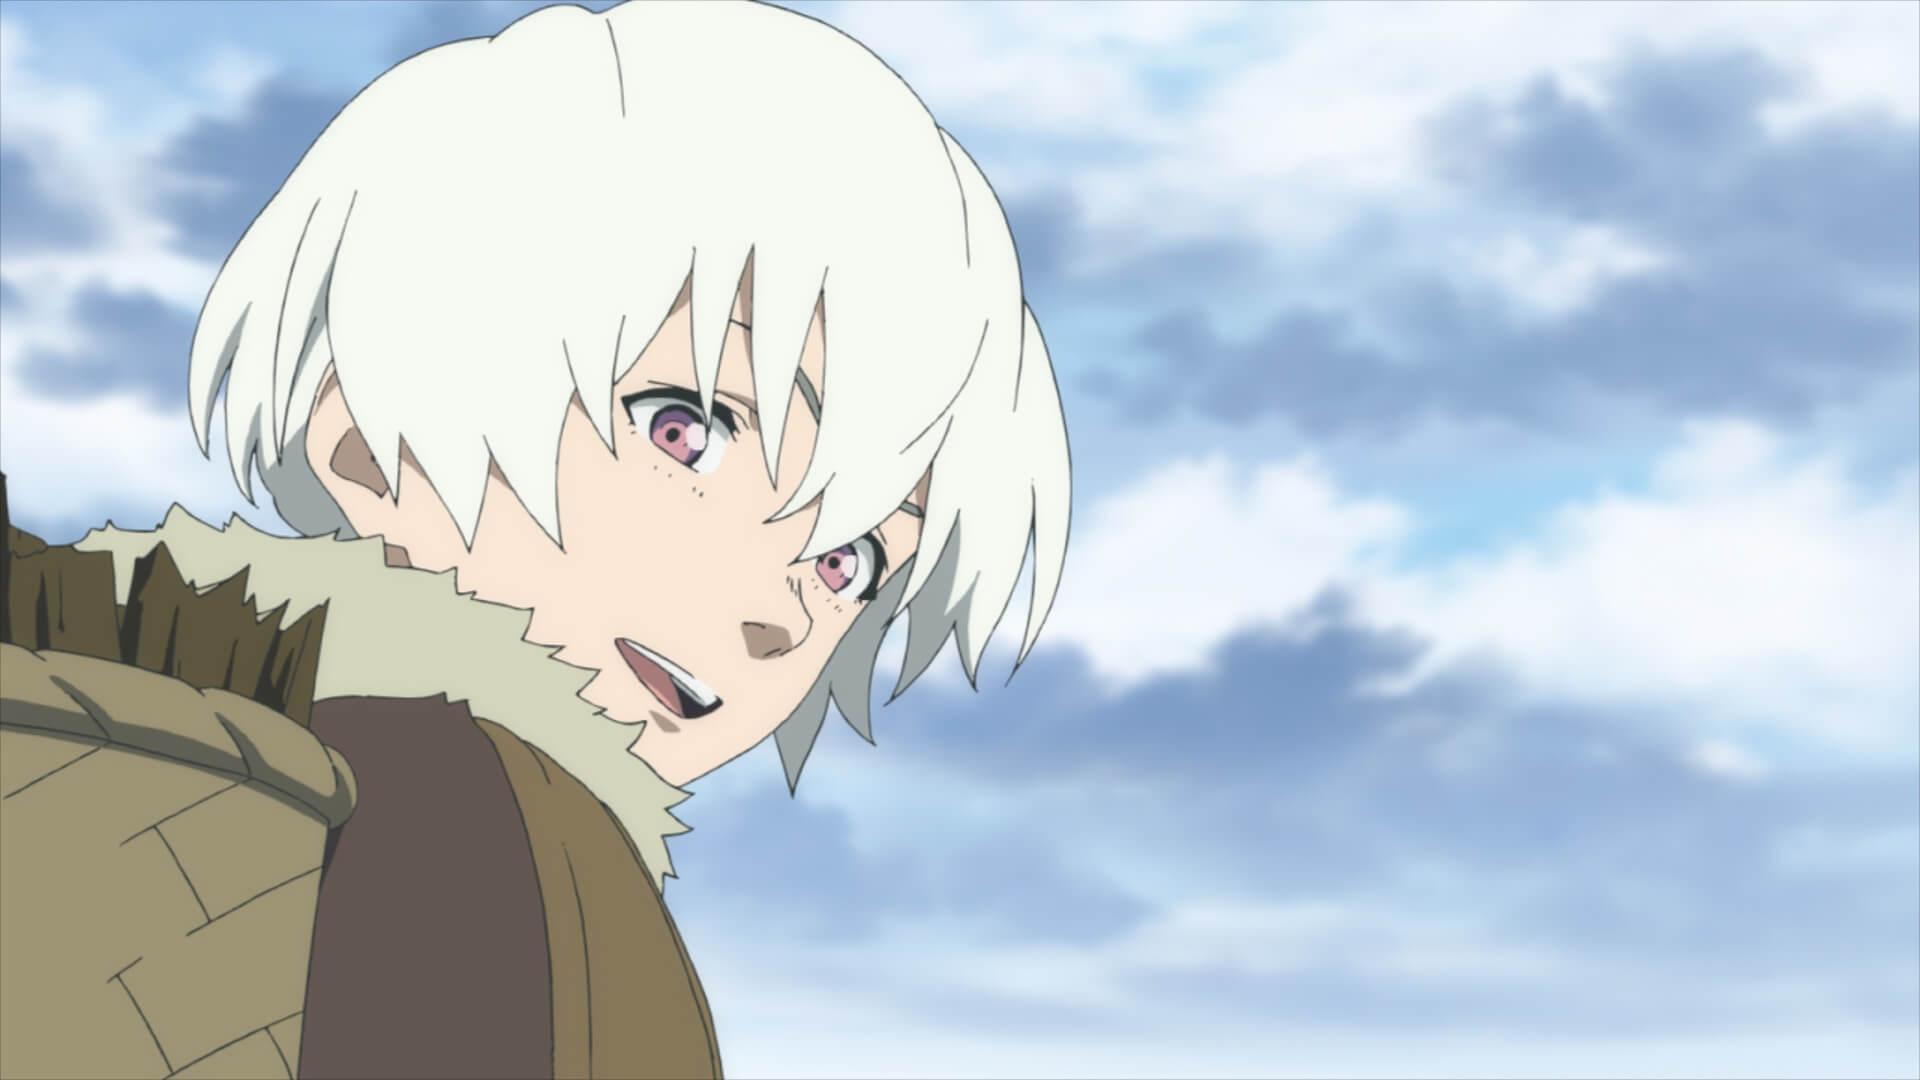 『終末のワルキューレ』『花より男子』『不滅のあなたへ』と話題作続々配信!6月のNetflixアニメラインナップが解禁 art210521_netflix_anime_9